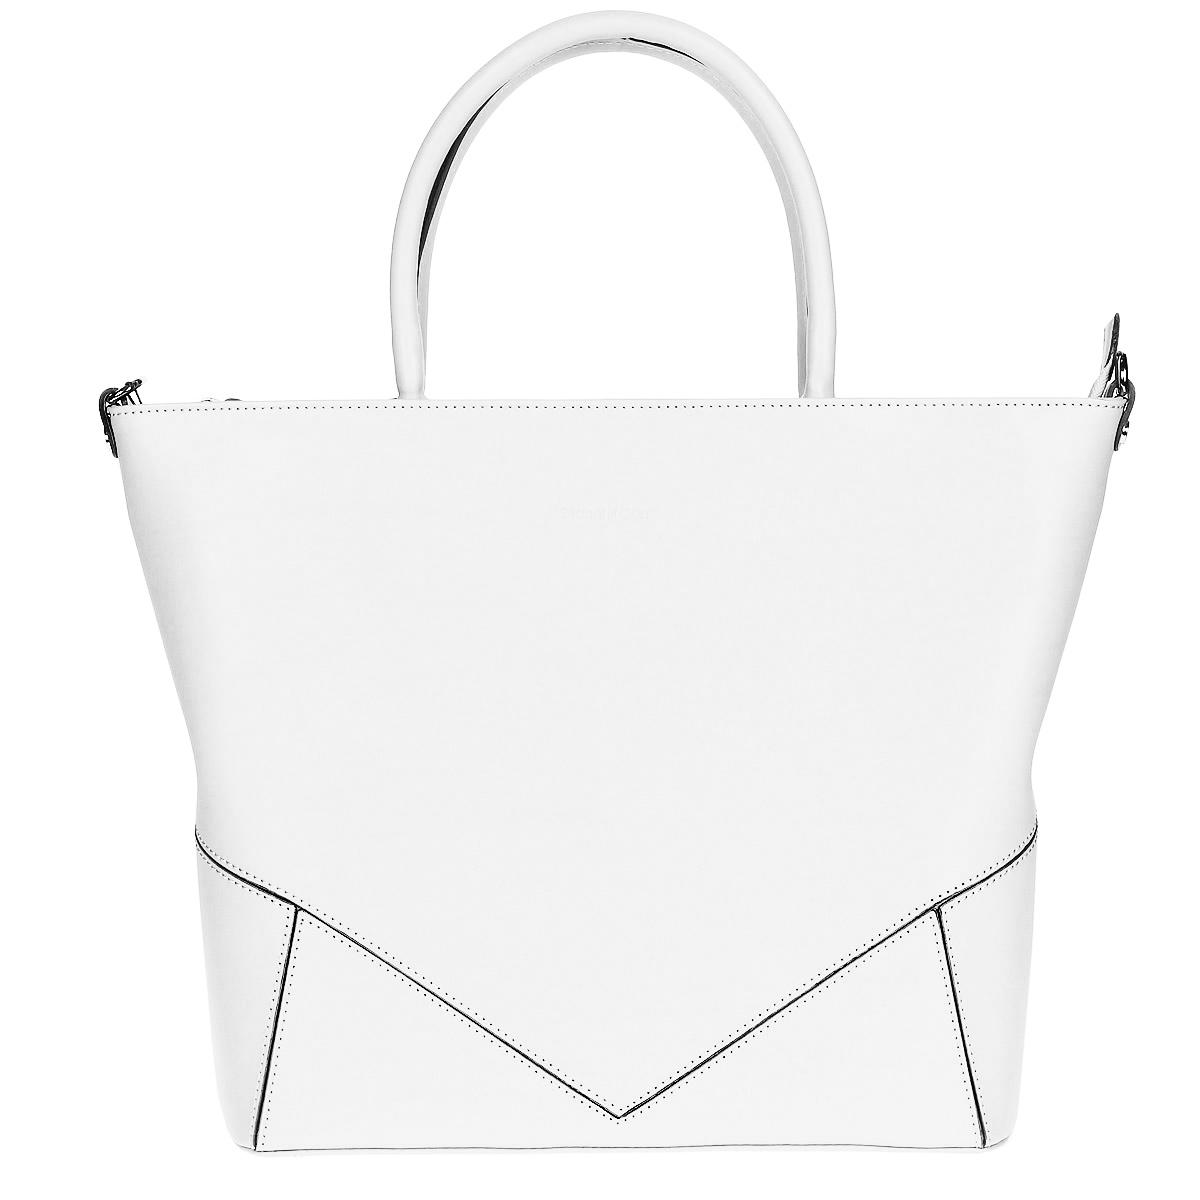 Женская сумка Gianni Conti, цвет: белый. 843940E Bianco843940E whiteСтильная сумка Gianni Conti выполнена из натуральной кожи белого цвета. Сумка имеет одно отделение, которое закрывается на застежку-молнию. Внутри расположен вшитый кармашек на молнии, открытый кармашек, два кармашка для мелочей и мобильного телефона, один кармашек для пишущих принадлежностей. На задней стороне сумки расположен вшитый кармашек на молнии. Сумка оснащена удобными ручками и съемным плечевым ремнем. Сумка оснащена ножками для лучшей устойчивости. Фурнитура - серебристого цвета. Сумка - это стильный аксессуар, который подчеркнет вашу индивидуальность и сделает ваш образ завершенным. Характеристики: Материал: натуральная кожа, текстиль, металл. Цвет: белый. Размер сумки: 40 см х 30 см х 12 см. Высота ручек: 15 см. Длина плечевого ремня: 60-120 см. Артикул: 843940E Bianco.